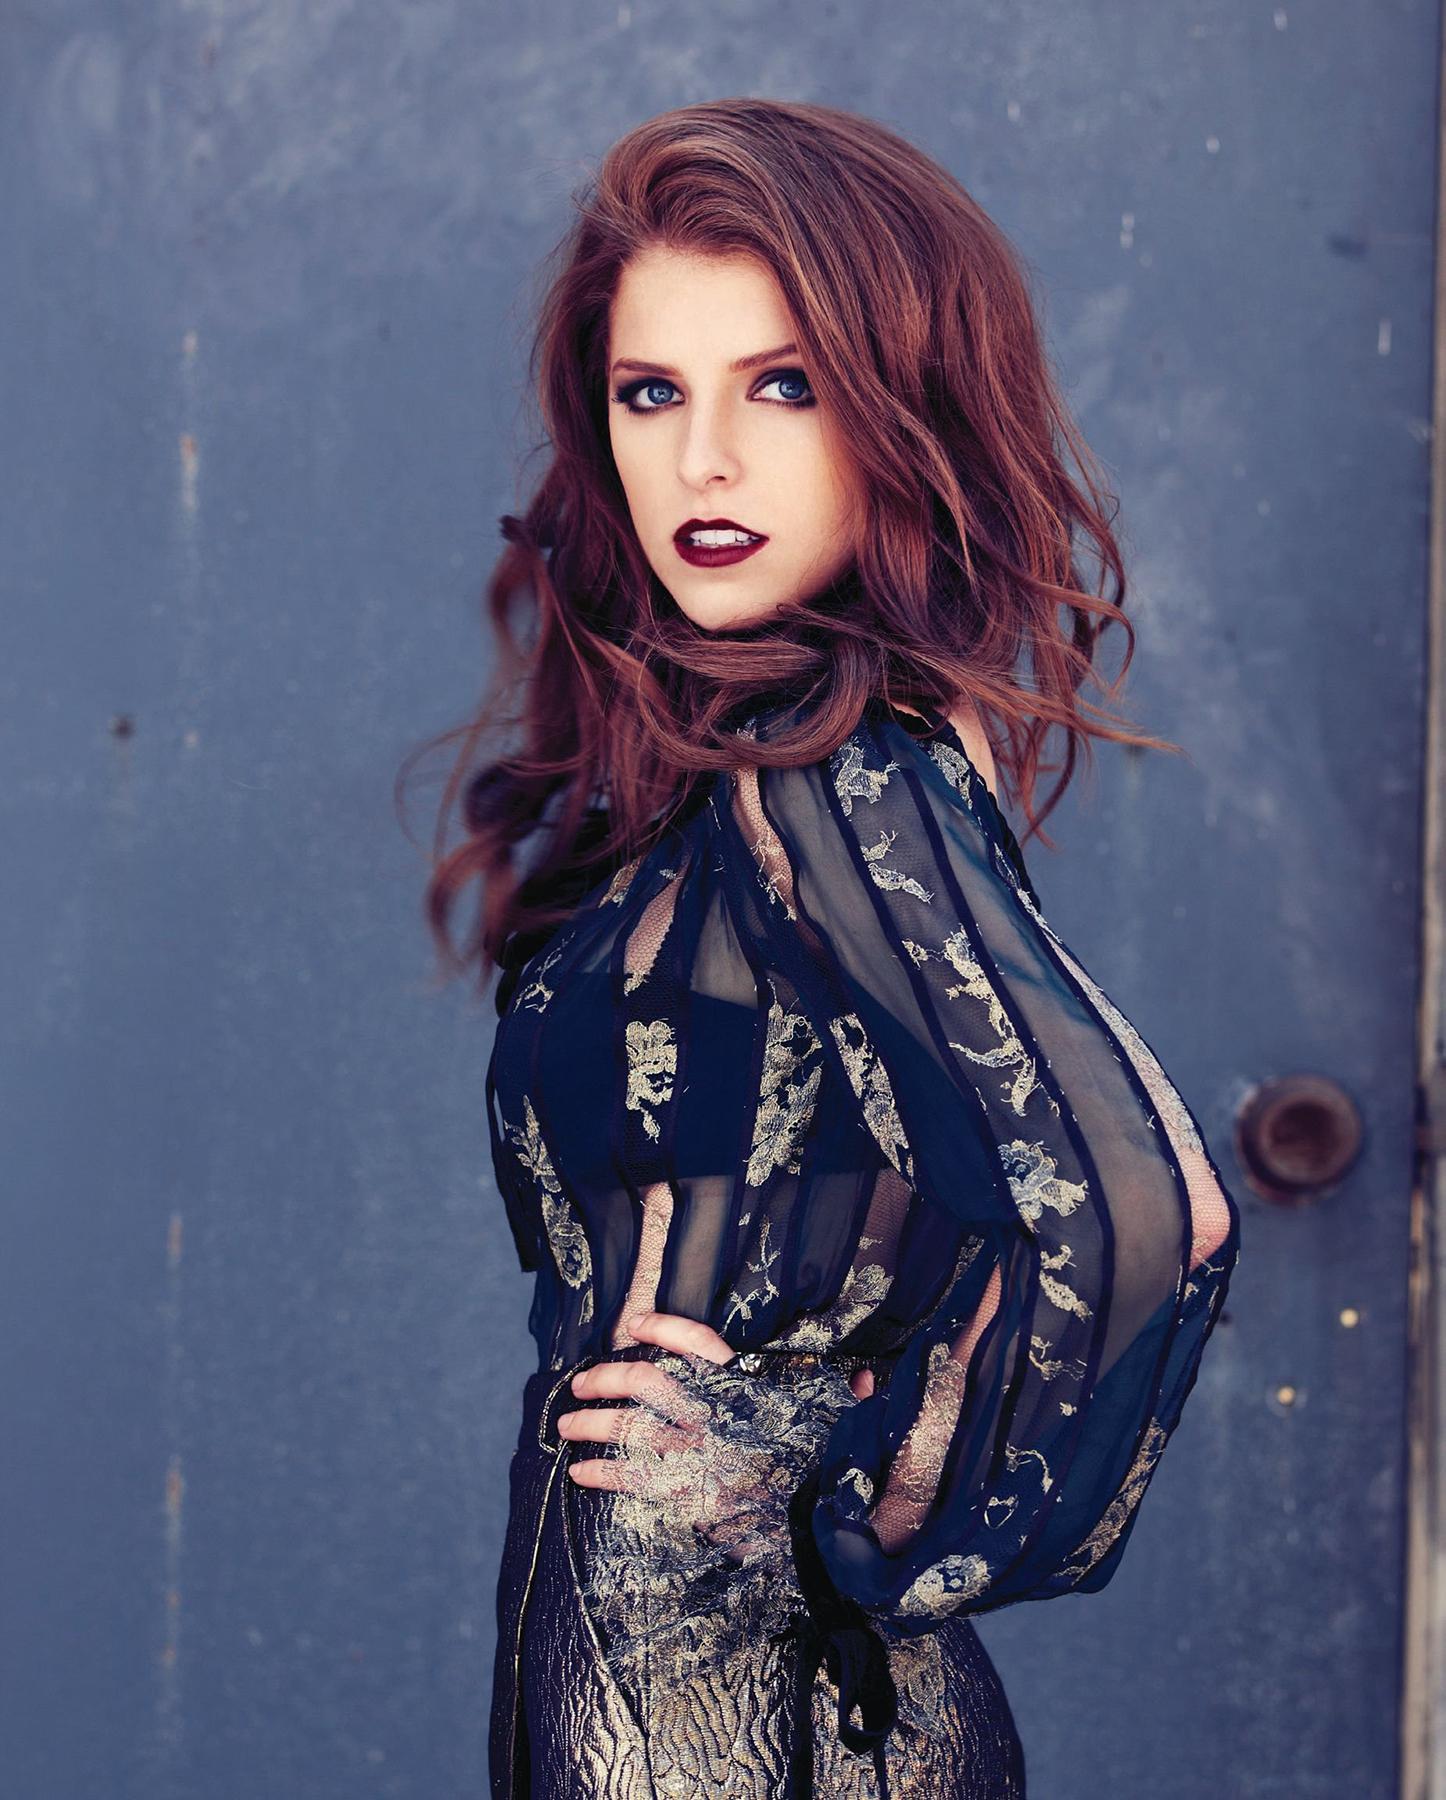 John Russo Photoshoot for Angeleno Magazine September 2012 (4).jpg